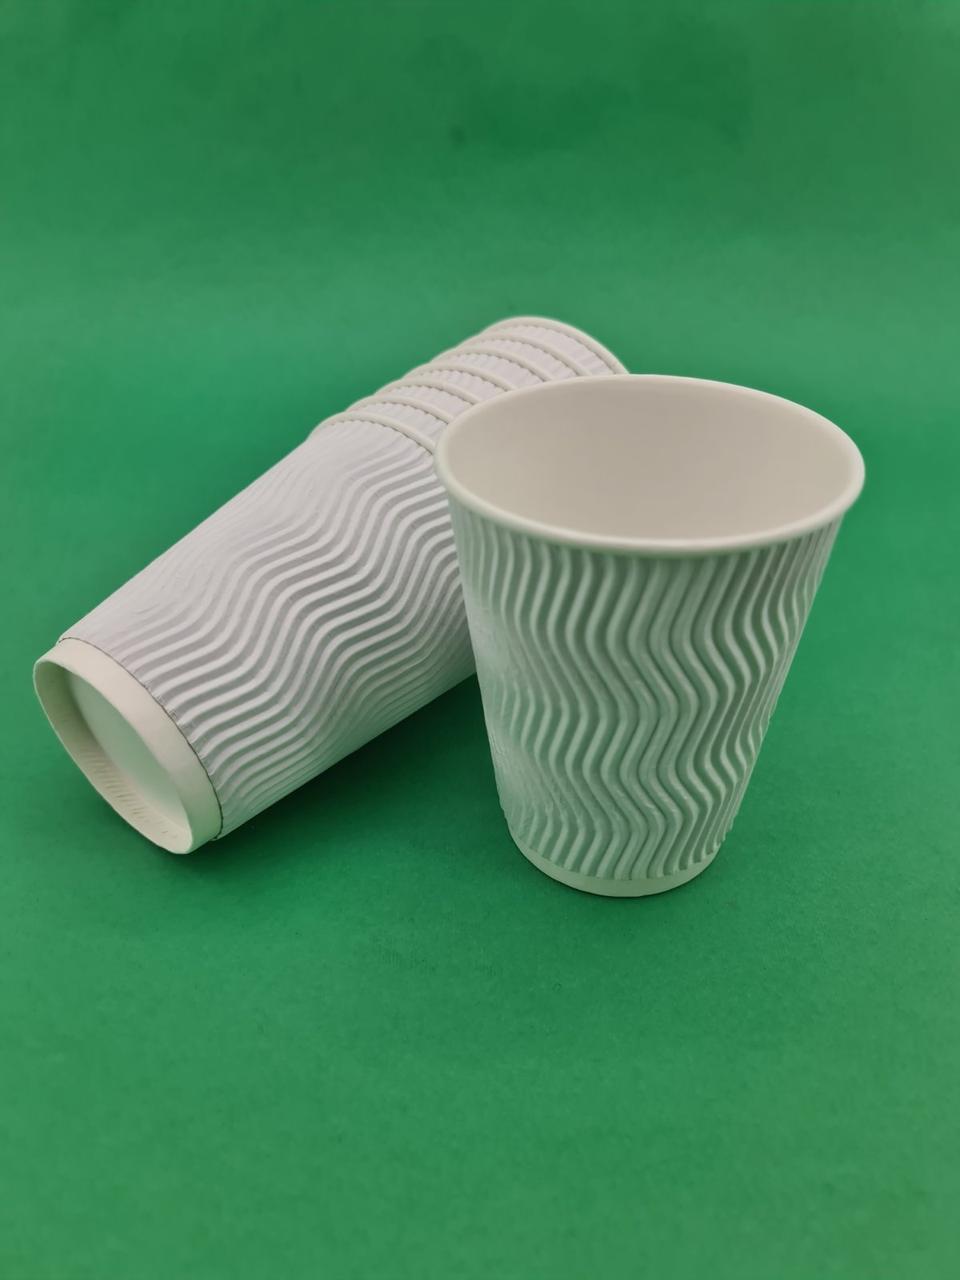 Одноразовые бумажные гофрированные стаканы 400мл Белый (15 шт)